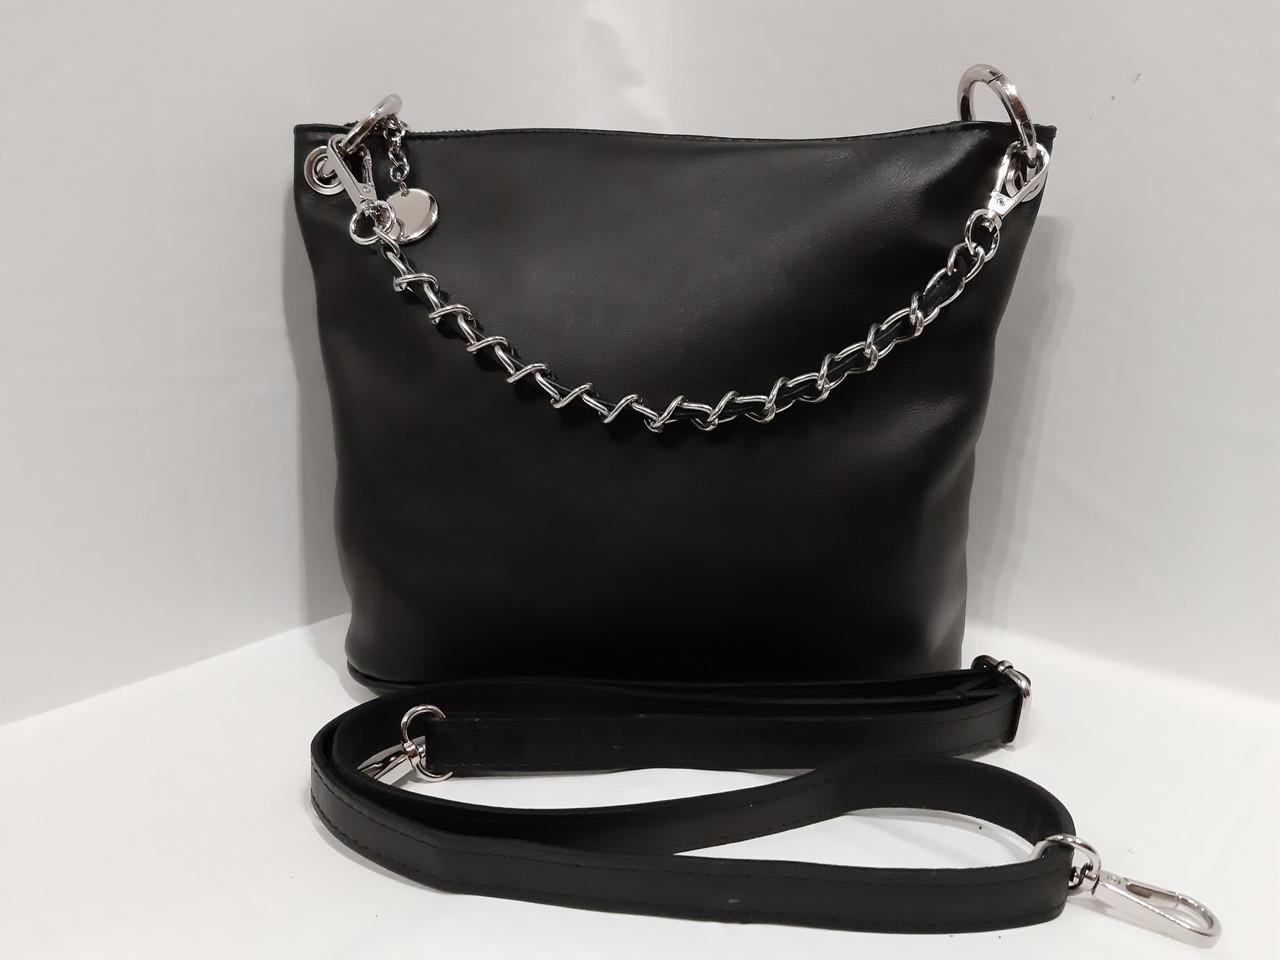 4540750f877c Женская кожаная черная сумка на длином ремешке через плече имеет короткую  ручку цепочку - Feminine-